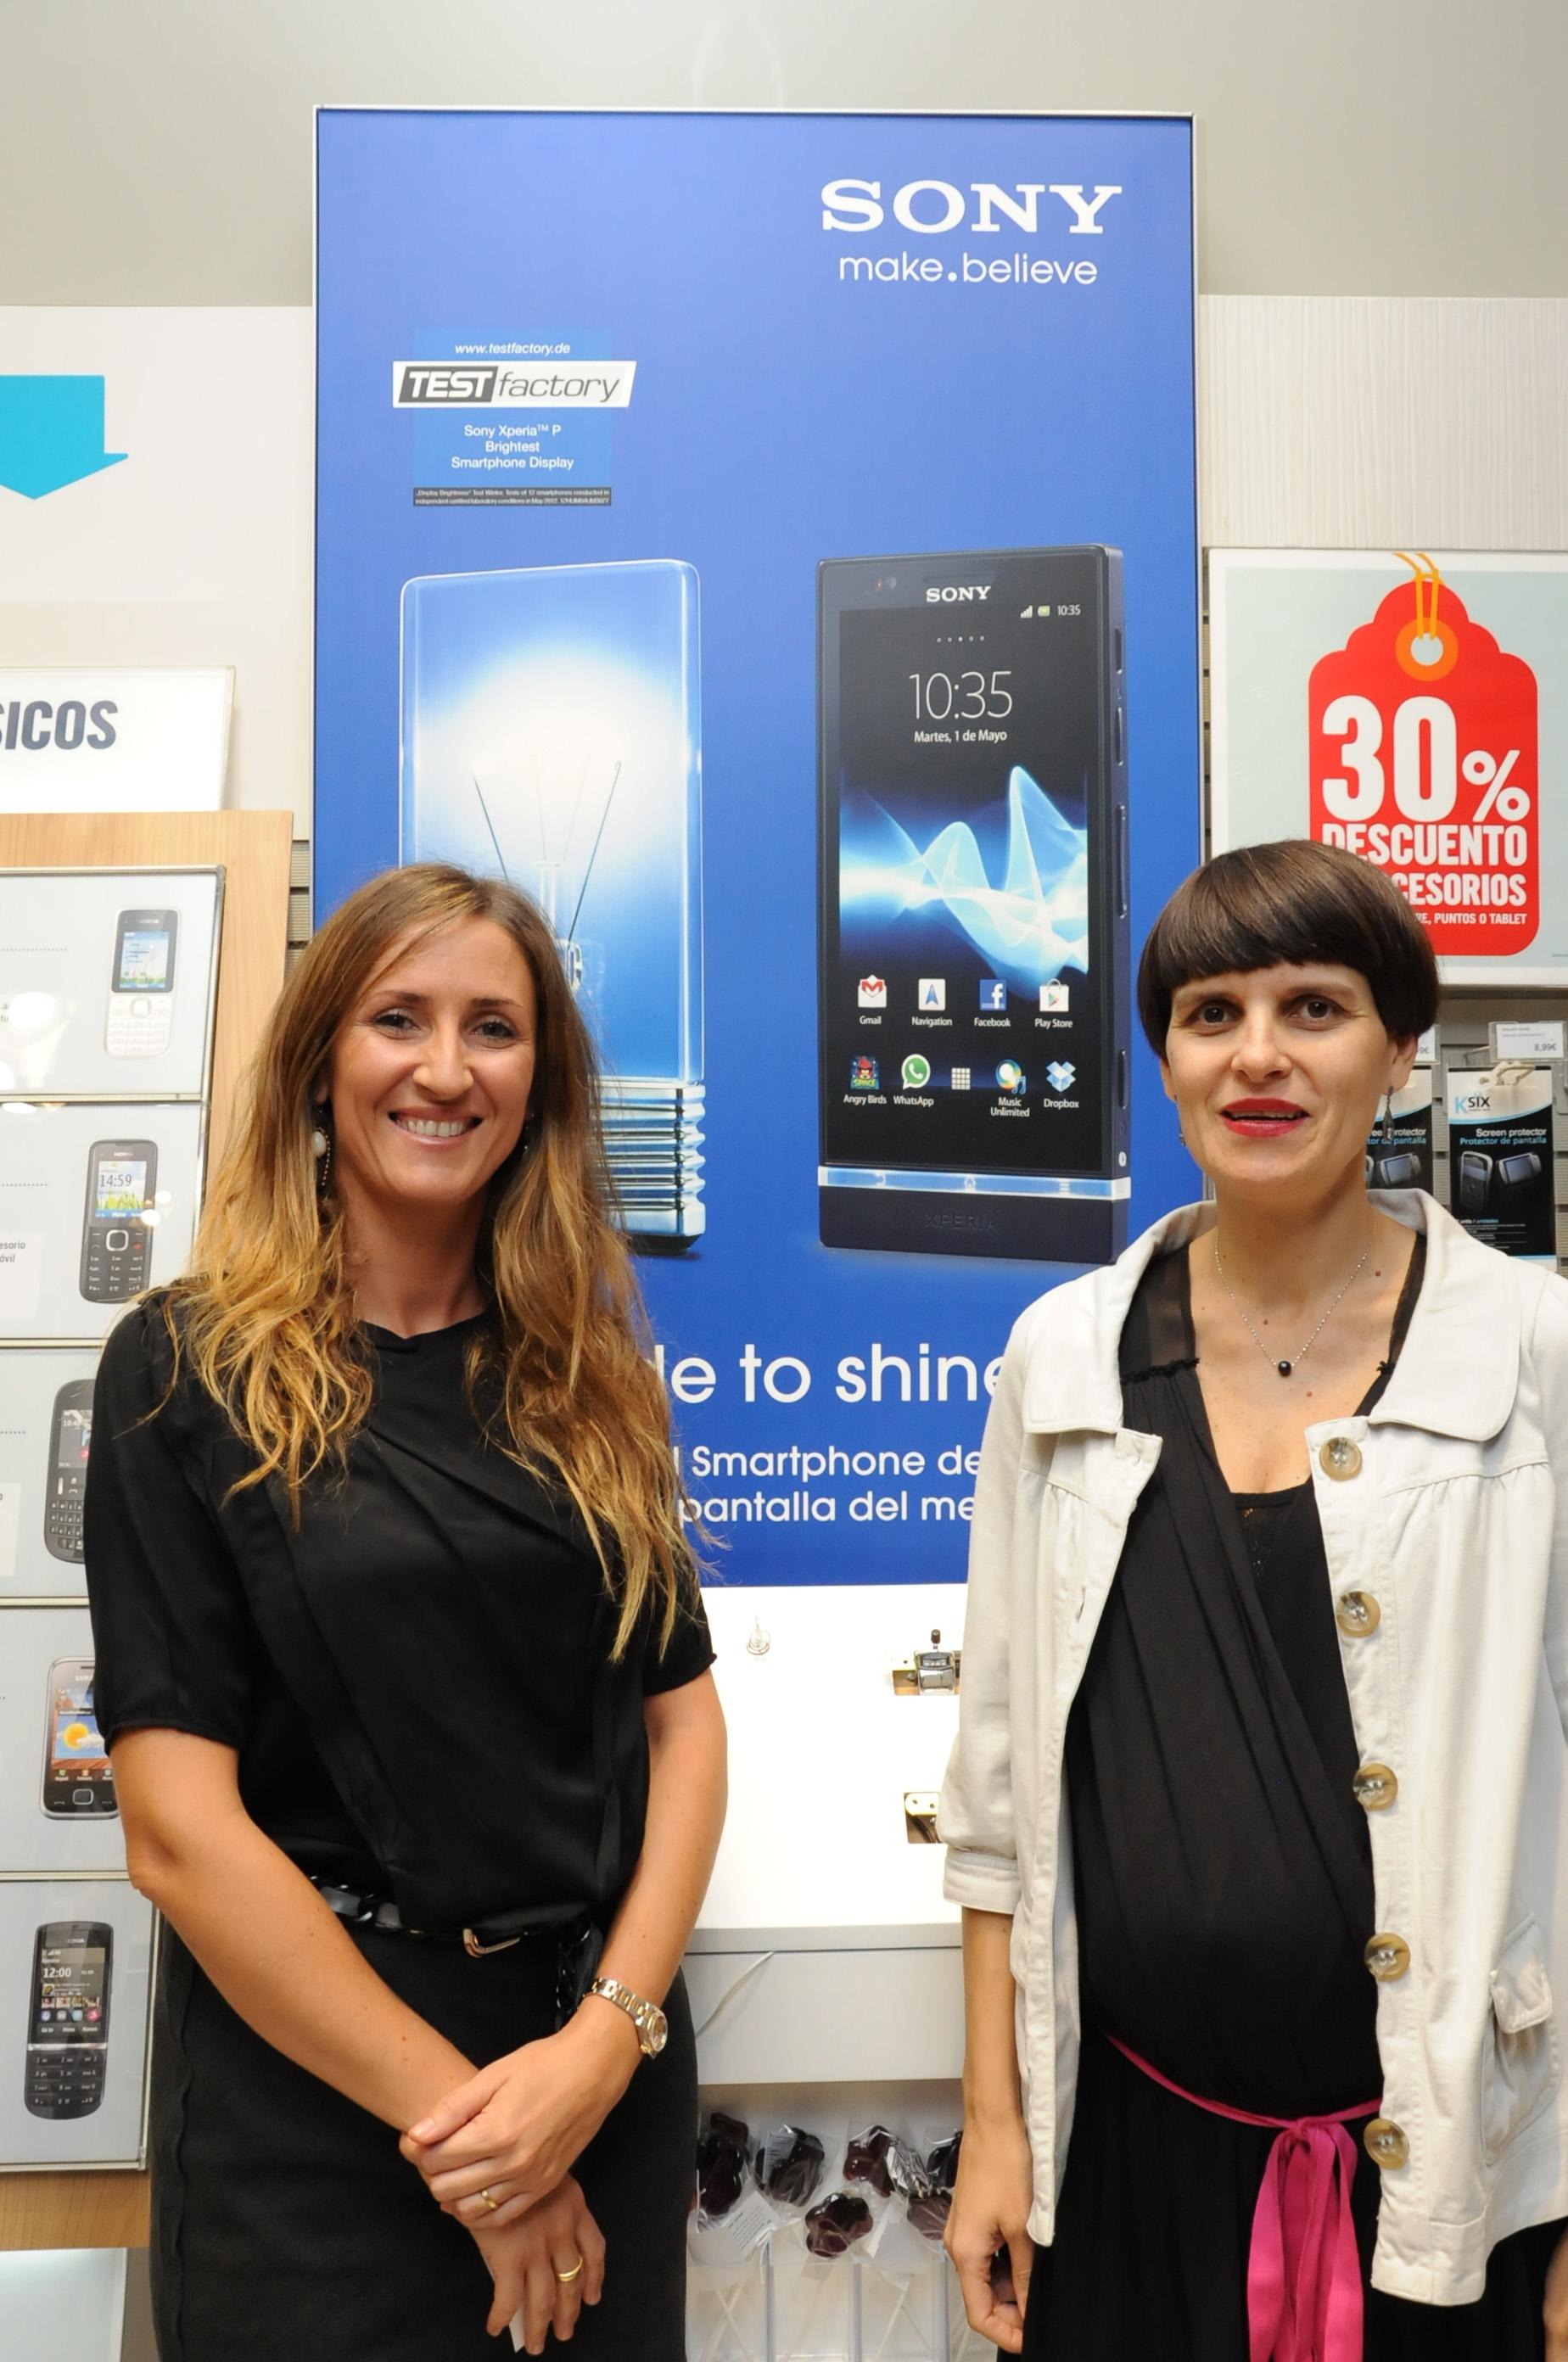 Los consumidores eligen Xperia P como el smartphone con mejor pantalla del mercado